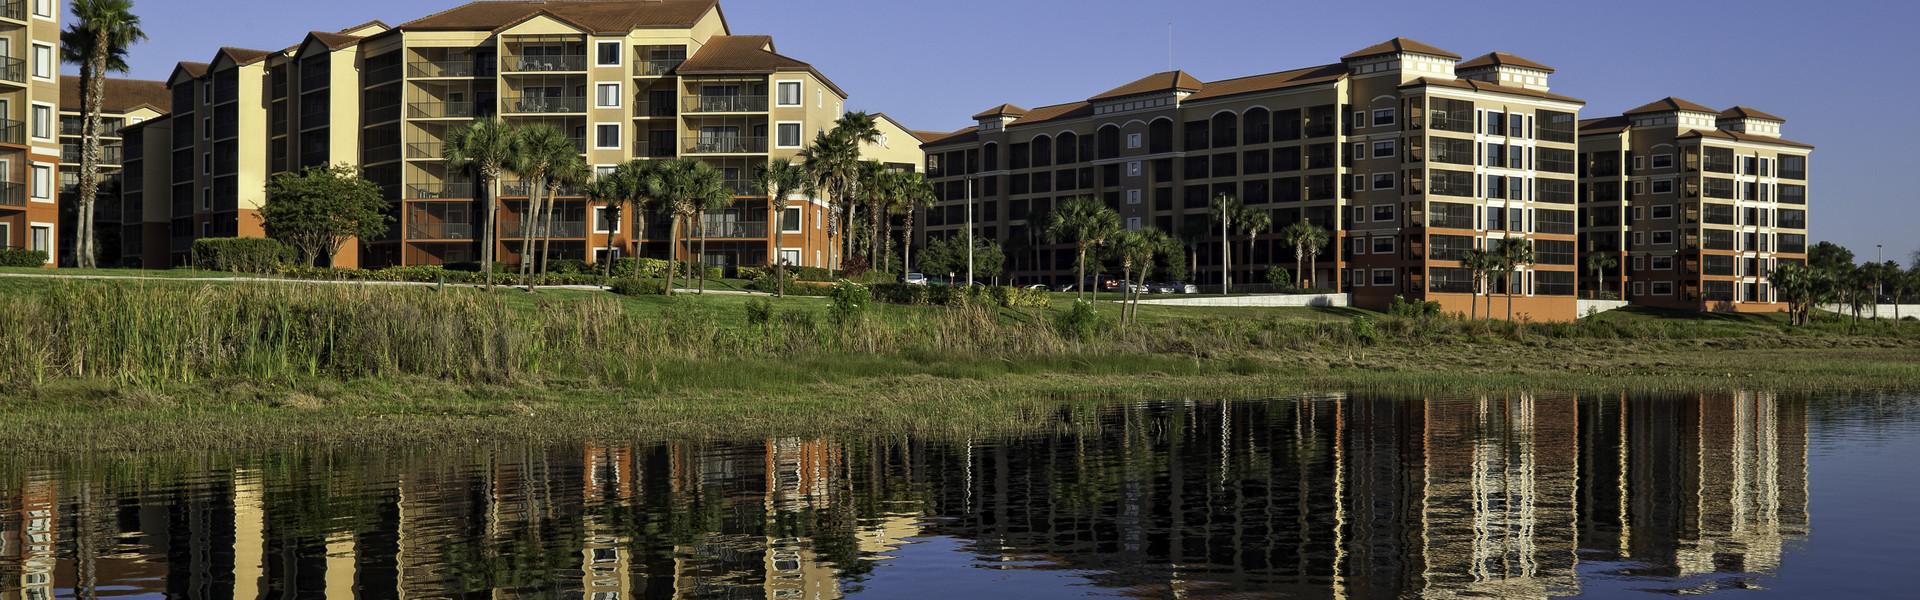 Luxury Rooms & Suites Near Disney   Westgate Lakes Resort & Spa